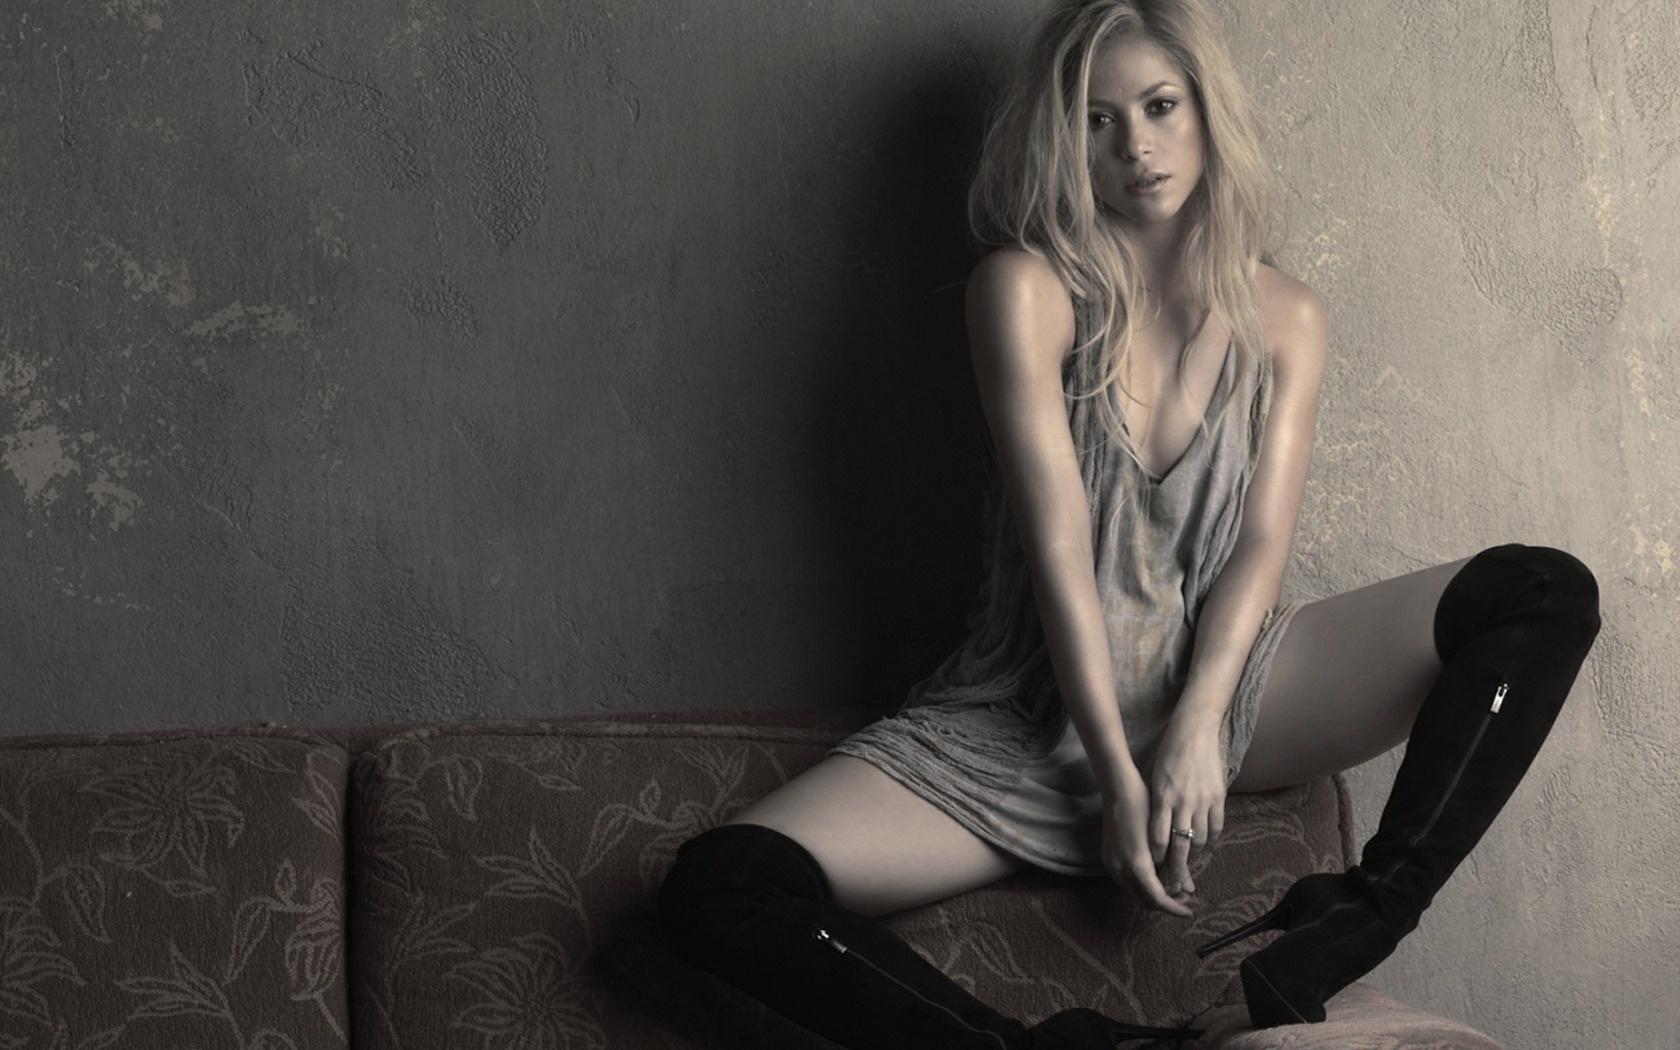 Фото госпожа блондинка 22 фотография